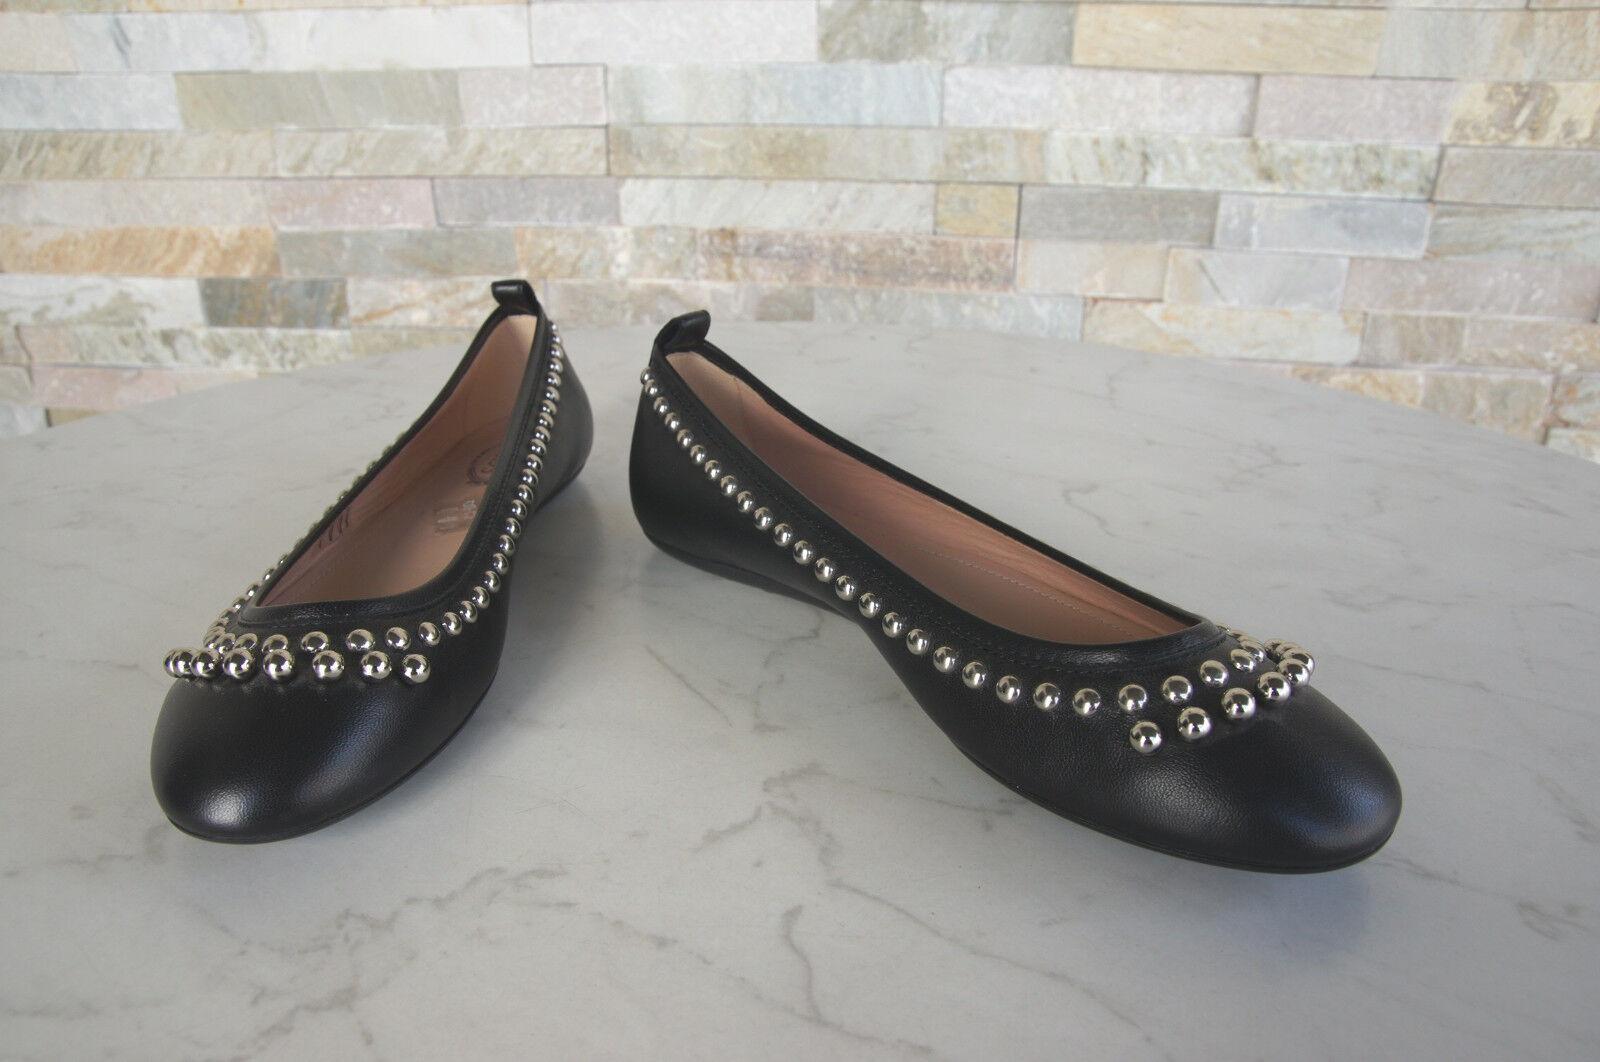 Tods Tods Tods Tod´s Gr 37,5 Ballerinas Slipper Halbschuhe Schuhe schwarz neu d5a52f